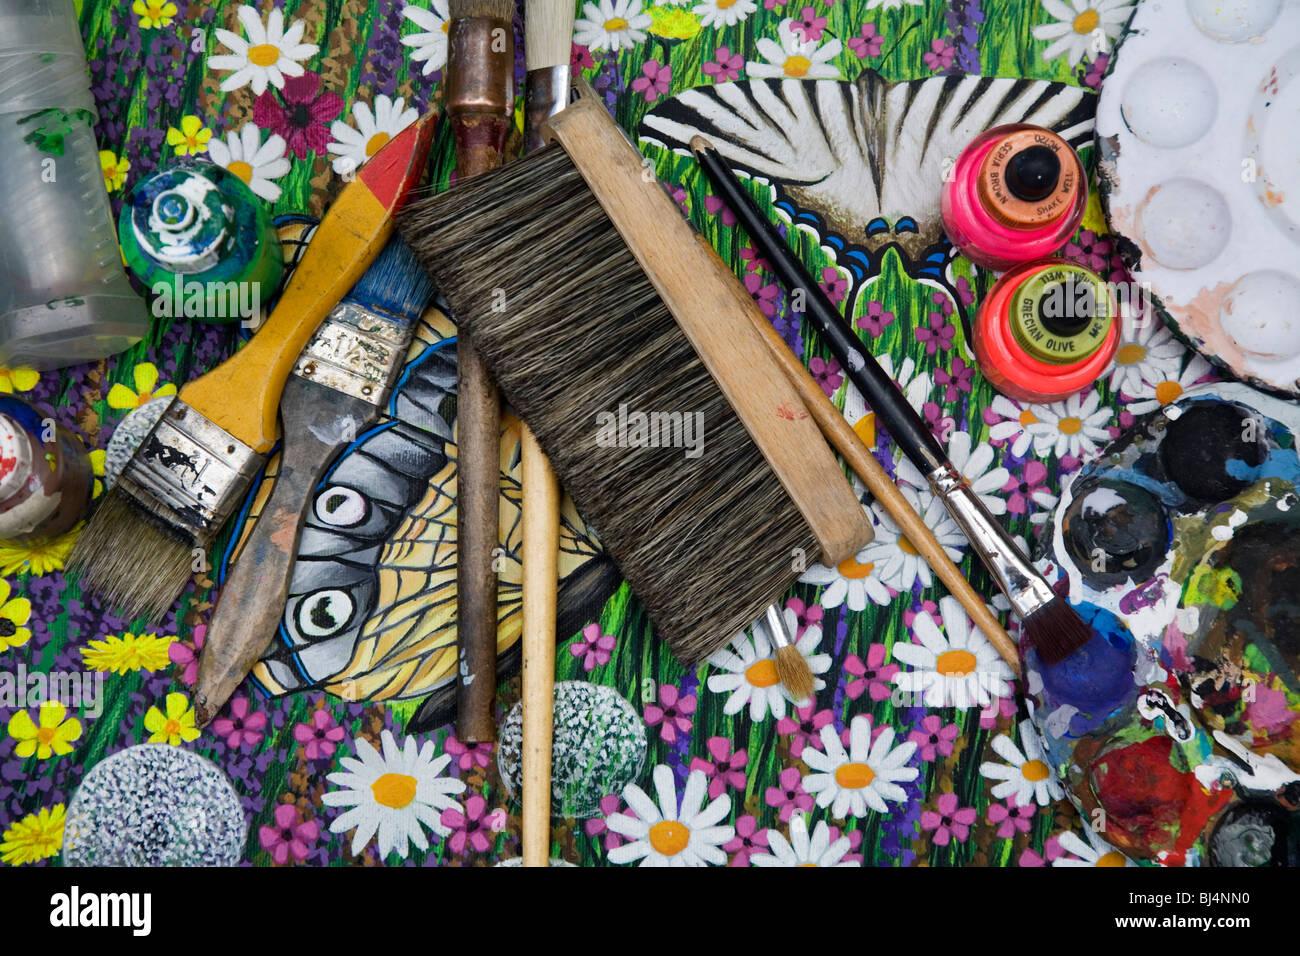 Künstler München Maler streetart künstler maler werkzeuge pinsel über die leinwand